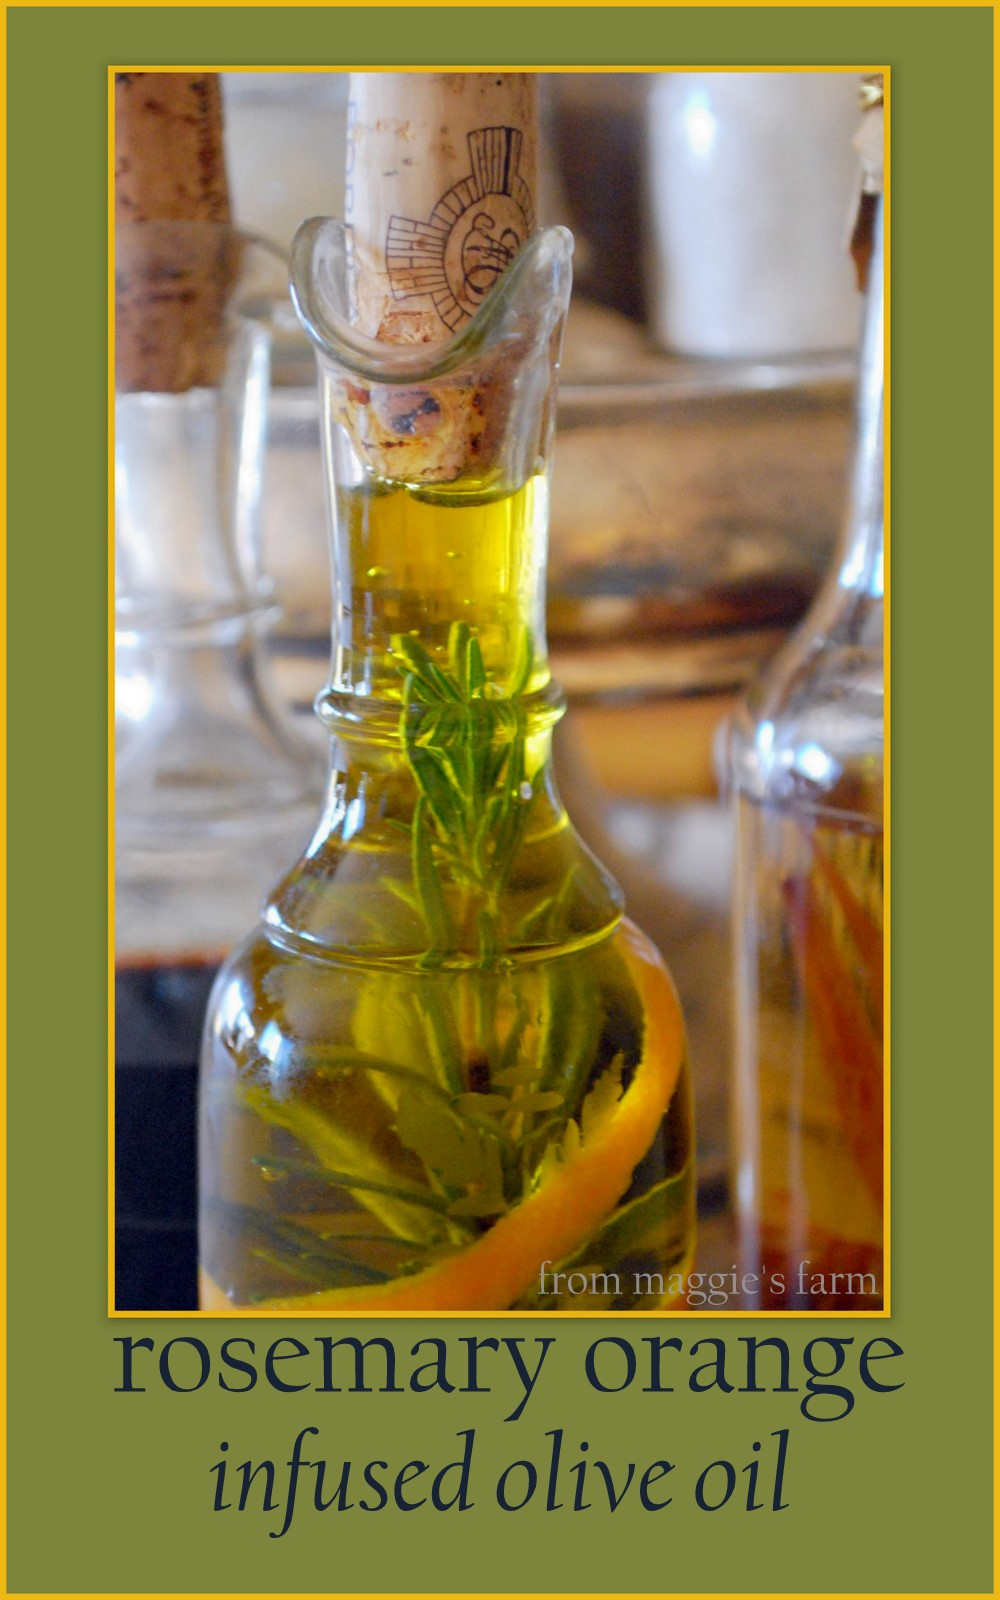 Golden Barrel Butter Flavored Coconut Oil 32 oz Quart ...  Flavored Oils